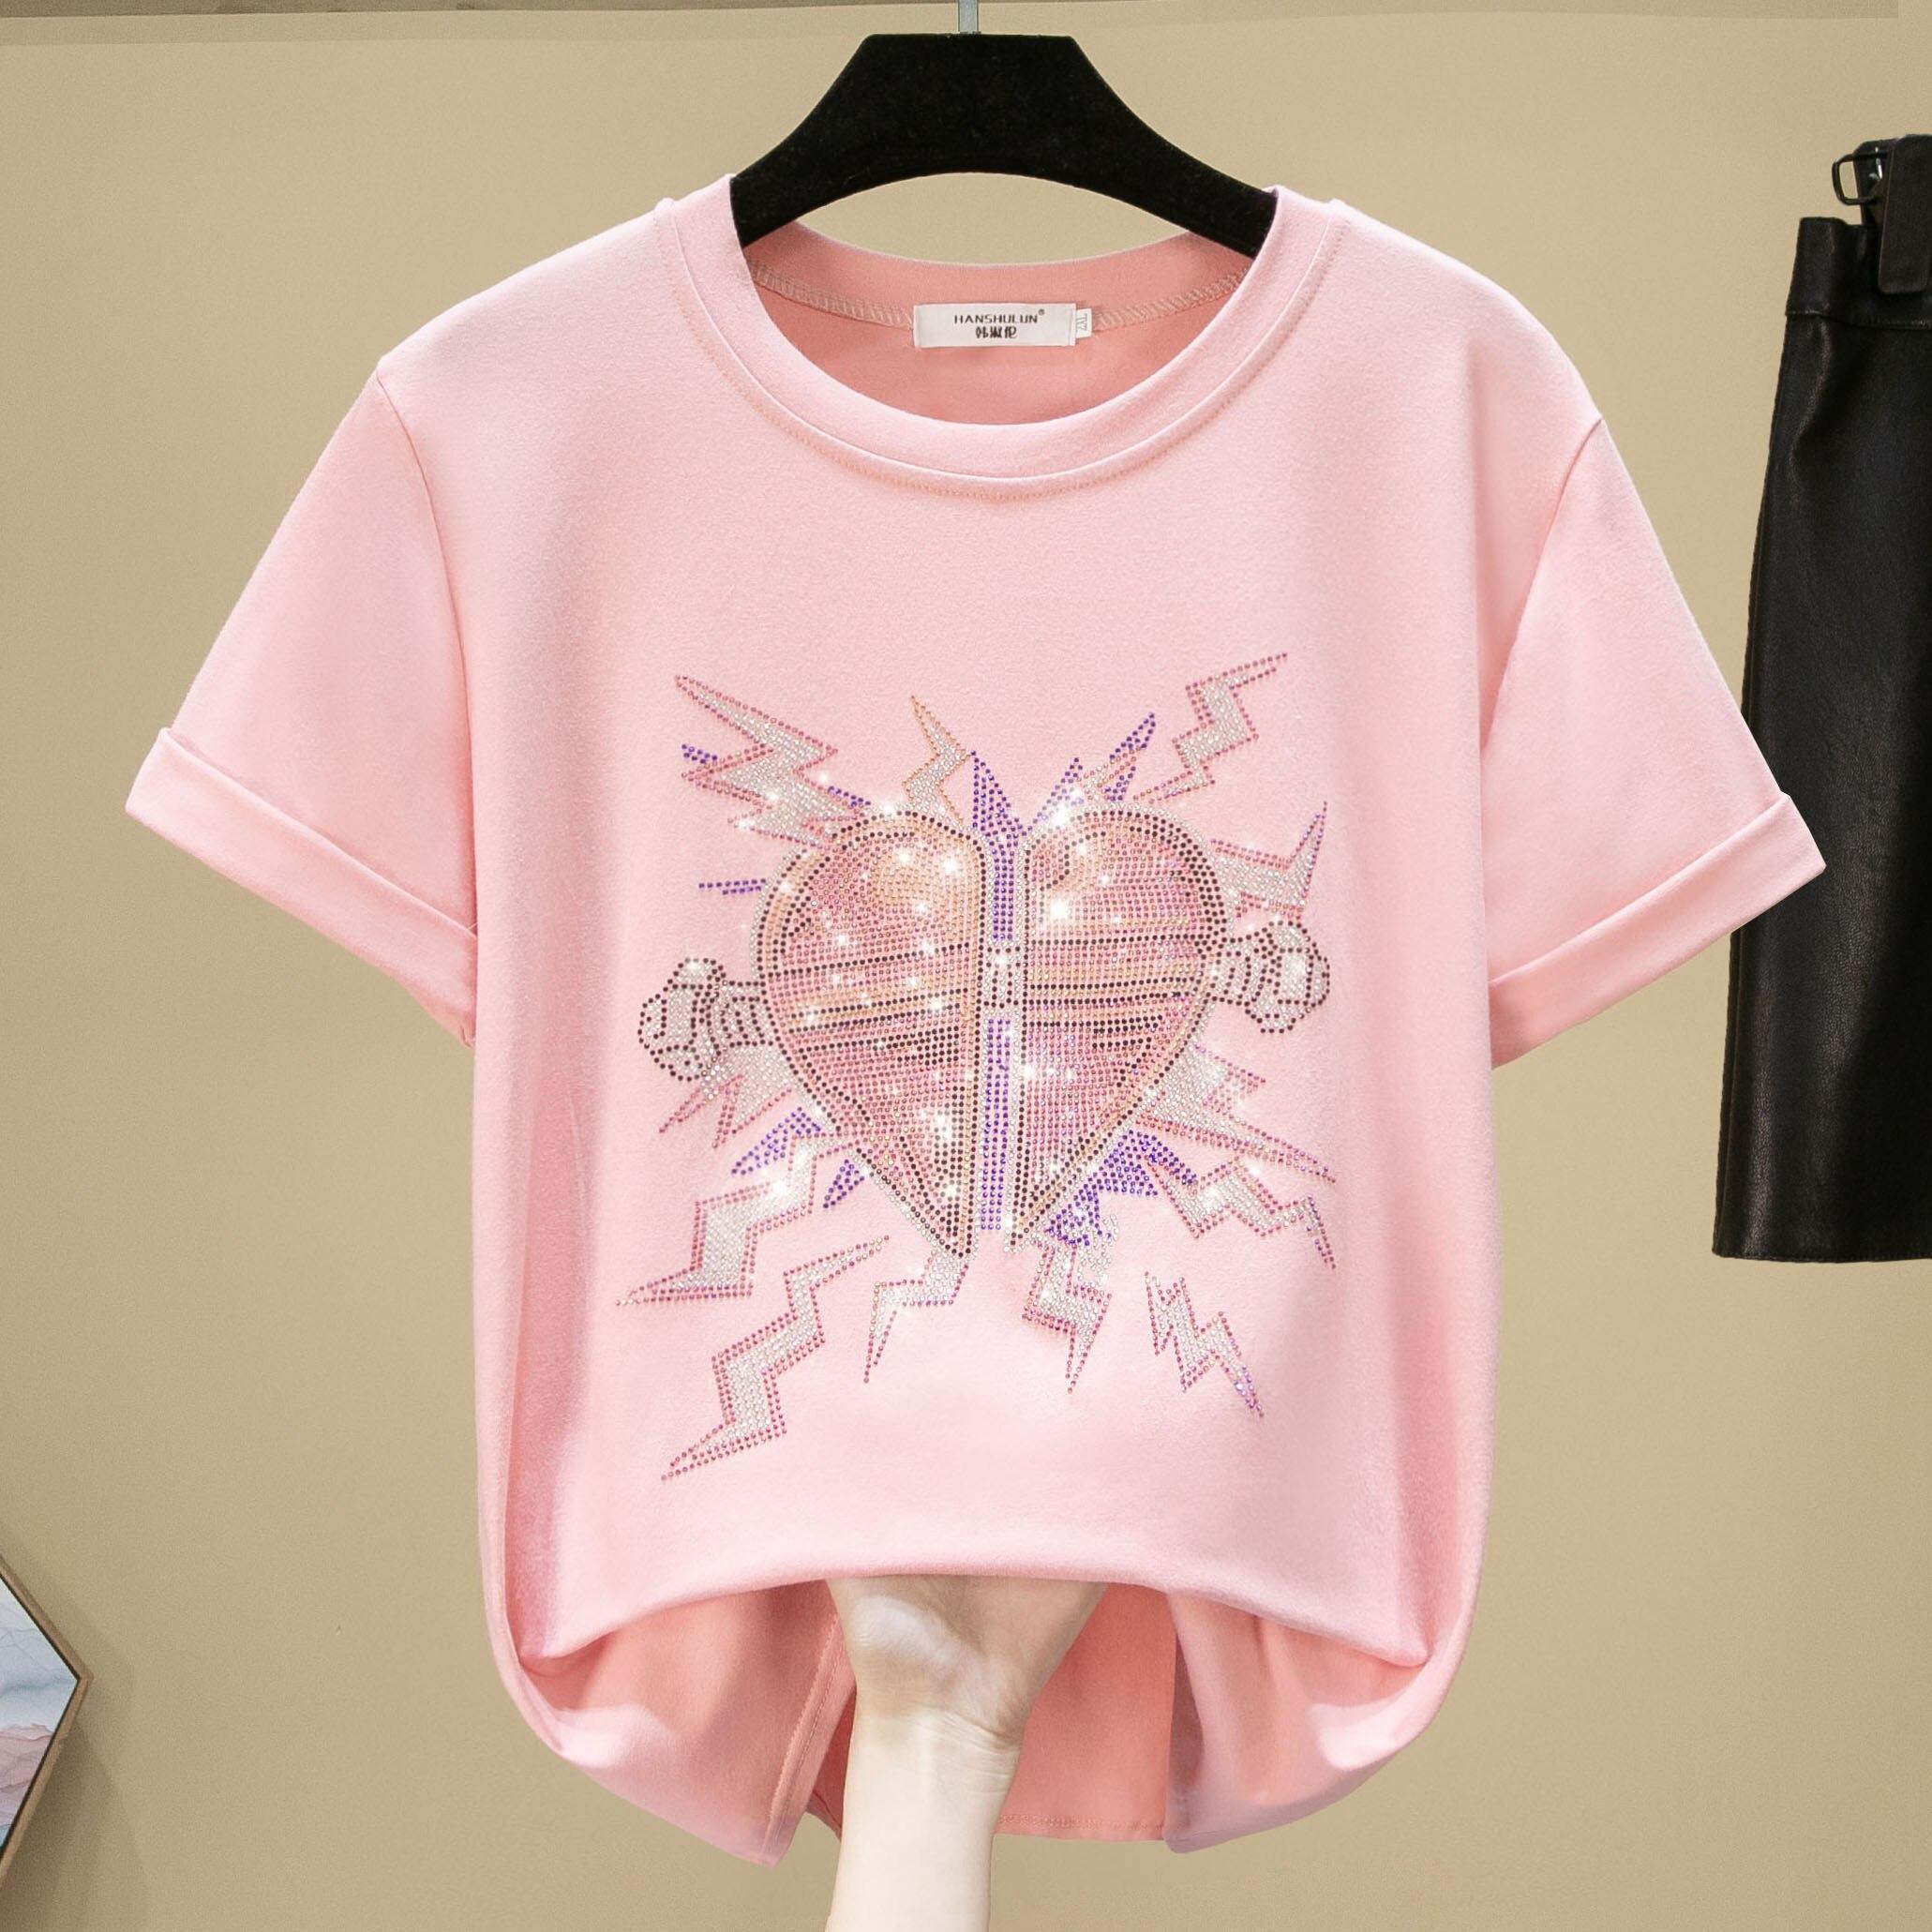 Camiseta Coreana de algodón de 100% para mujer 2020 novedad de verano taladro caliente adorno de corazón chica estudiante Tops talla grande S-3XL